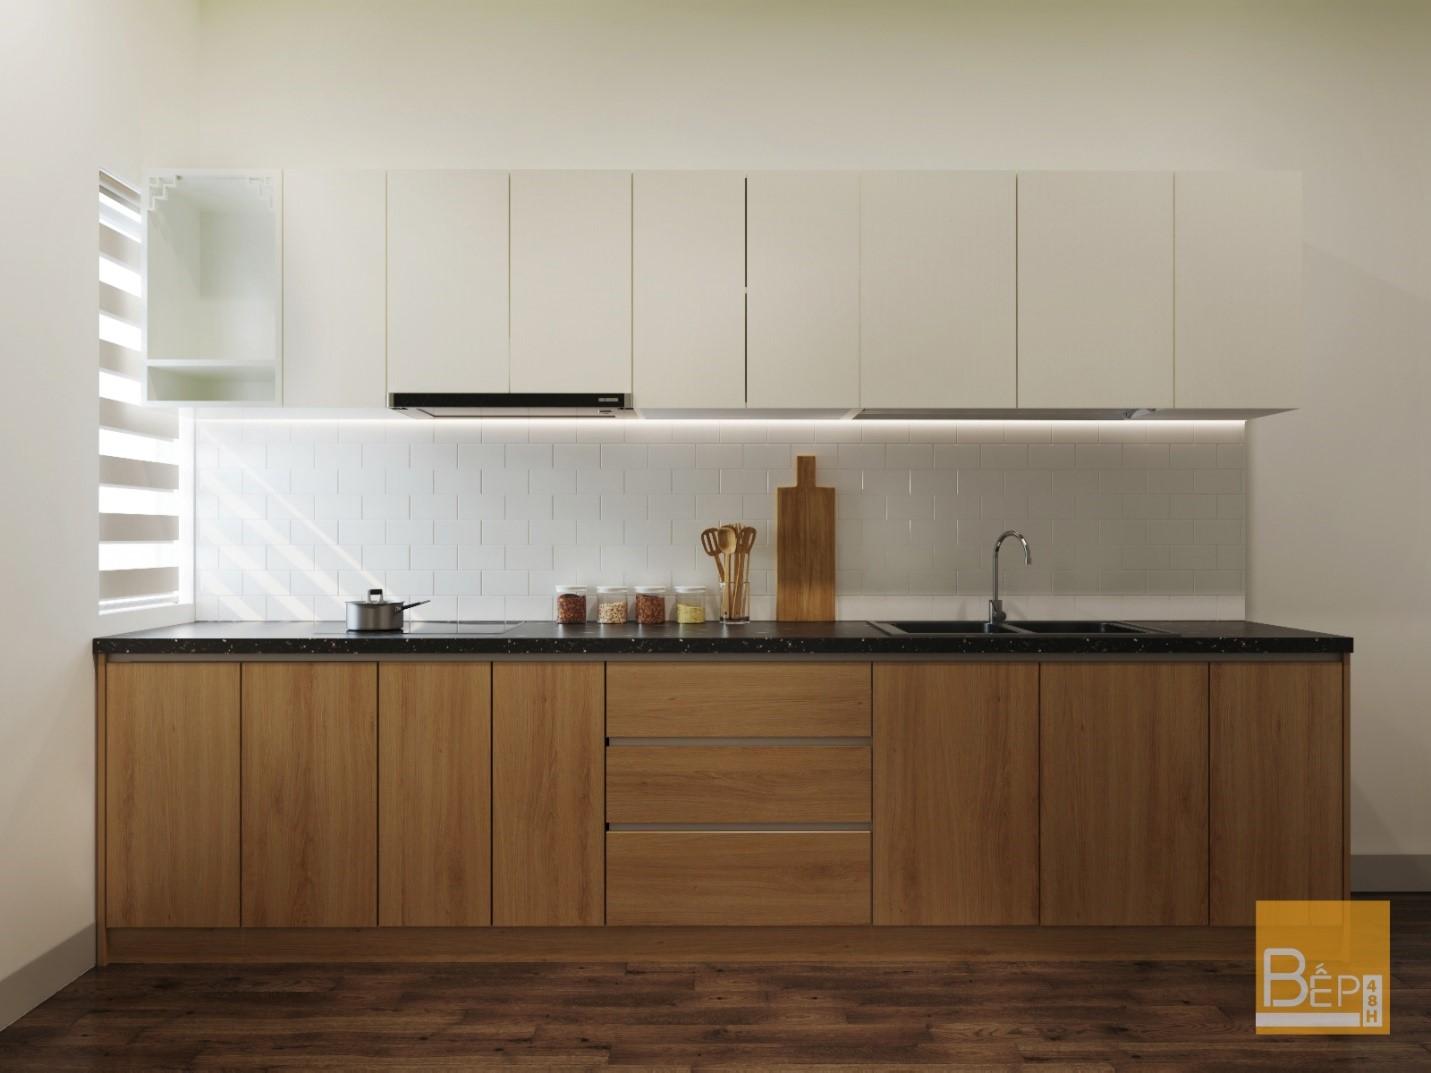 Không gian nấu nướng nhẹ nhàng, ấm cúng do Bếp 48h thiết kế